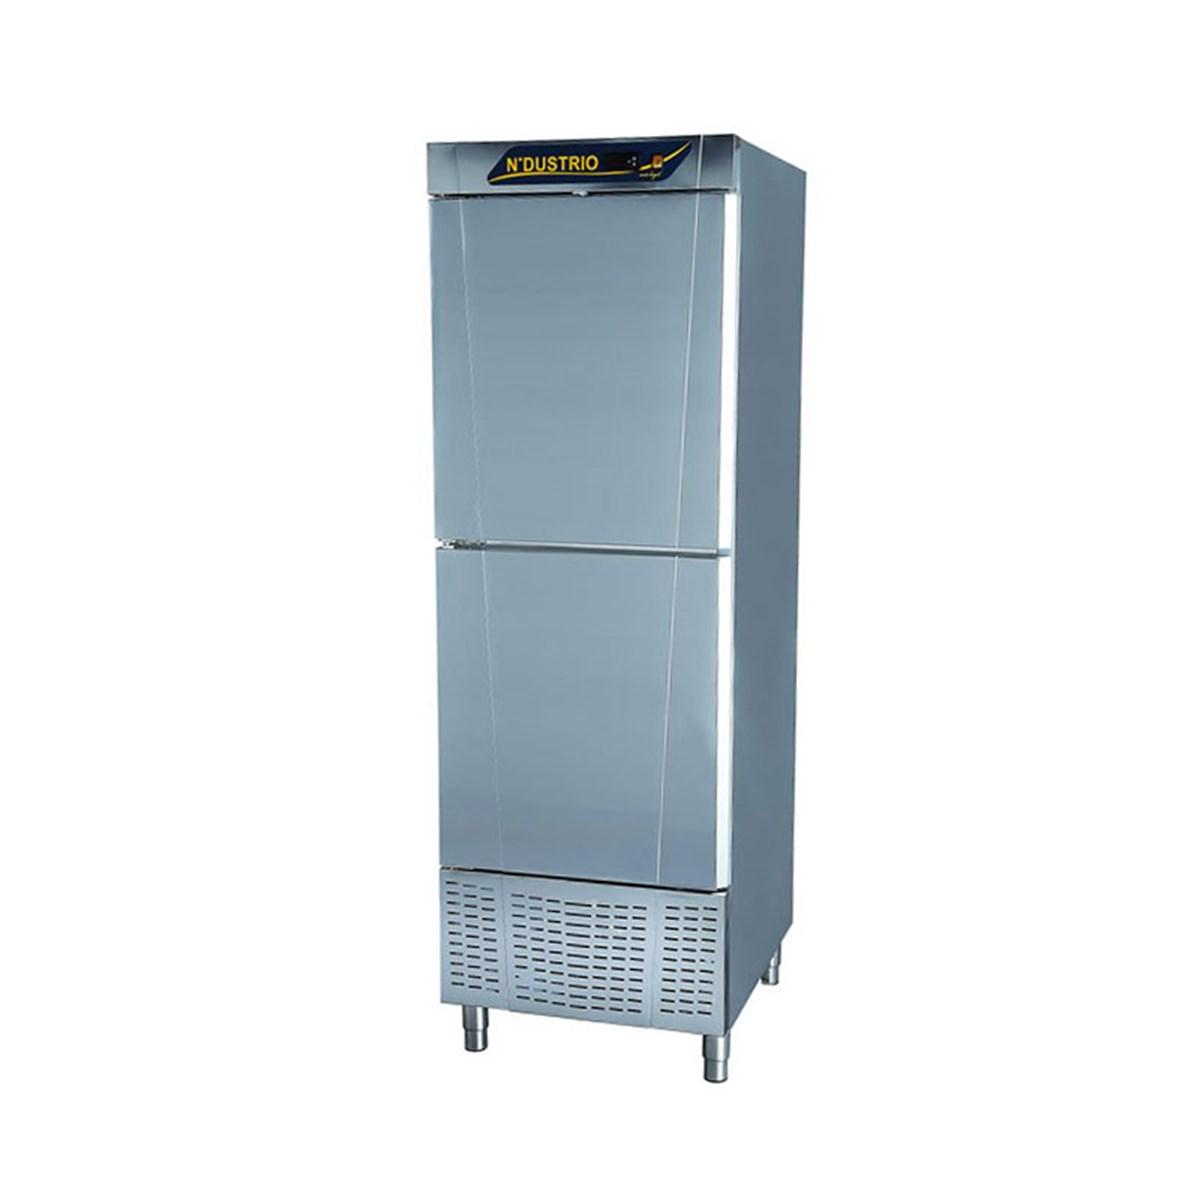 Gtech CPP-102 Basic Seri Dik Tip Buzdolabı 2 Yarım Kapılı